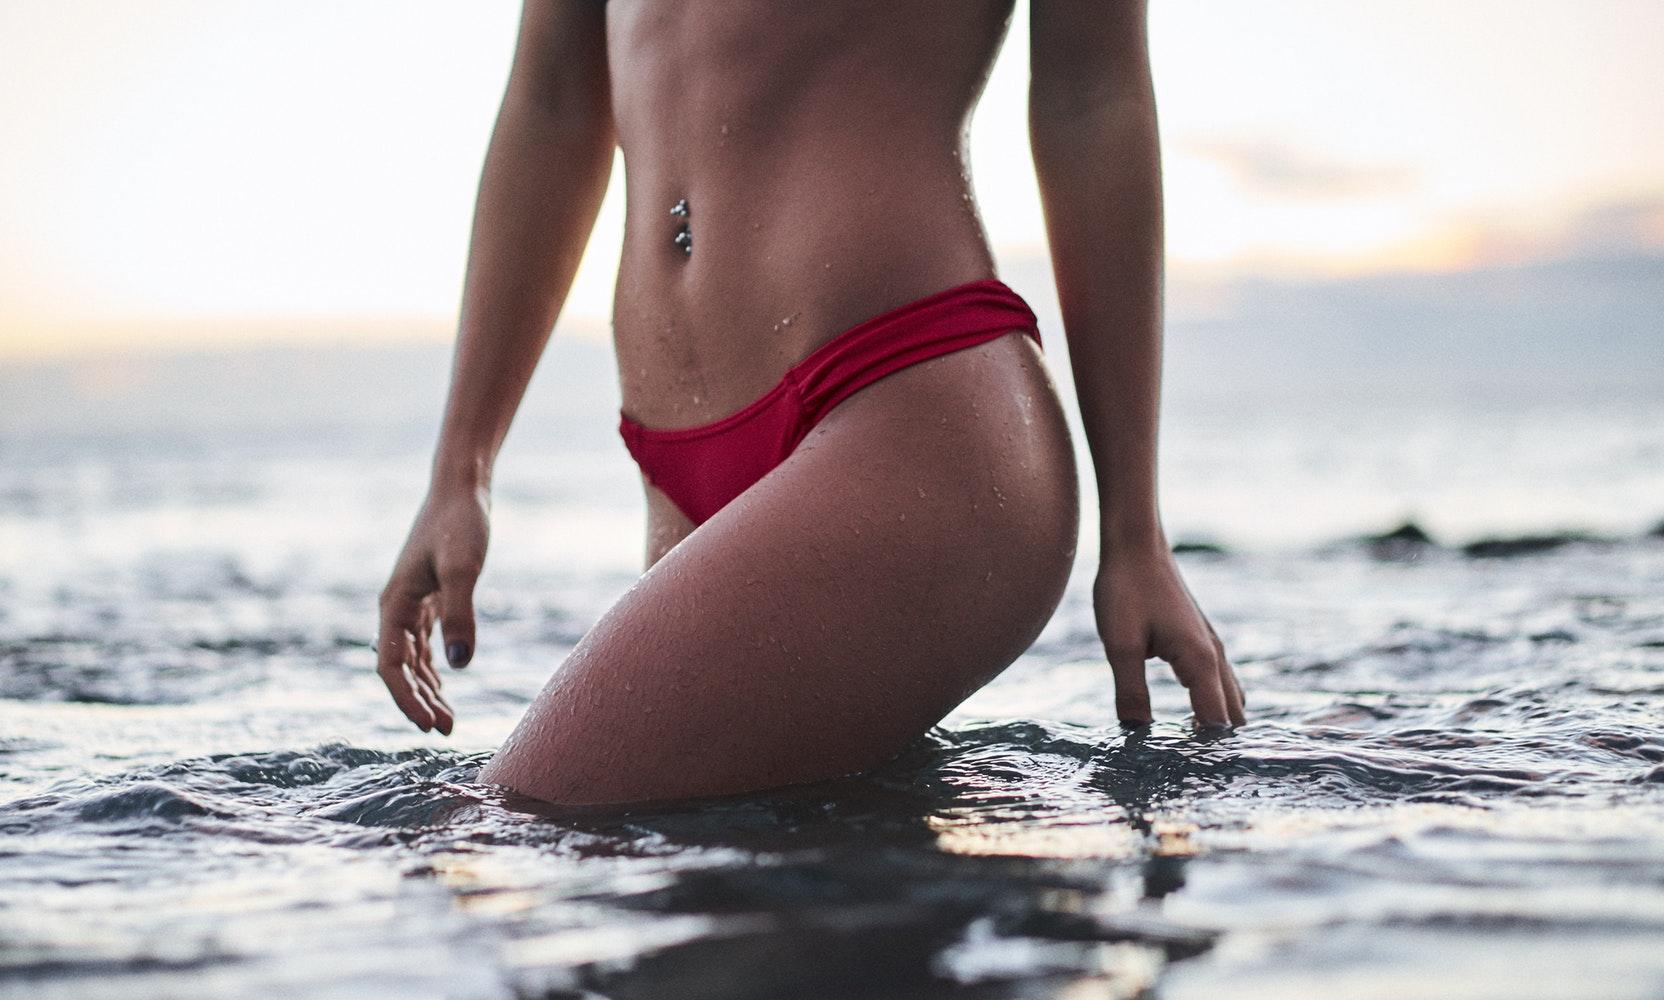 Zabiegi usuwania nadmiaru tkanki tłuszczowej